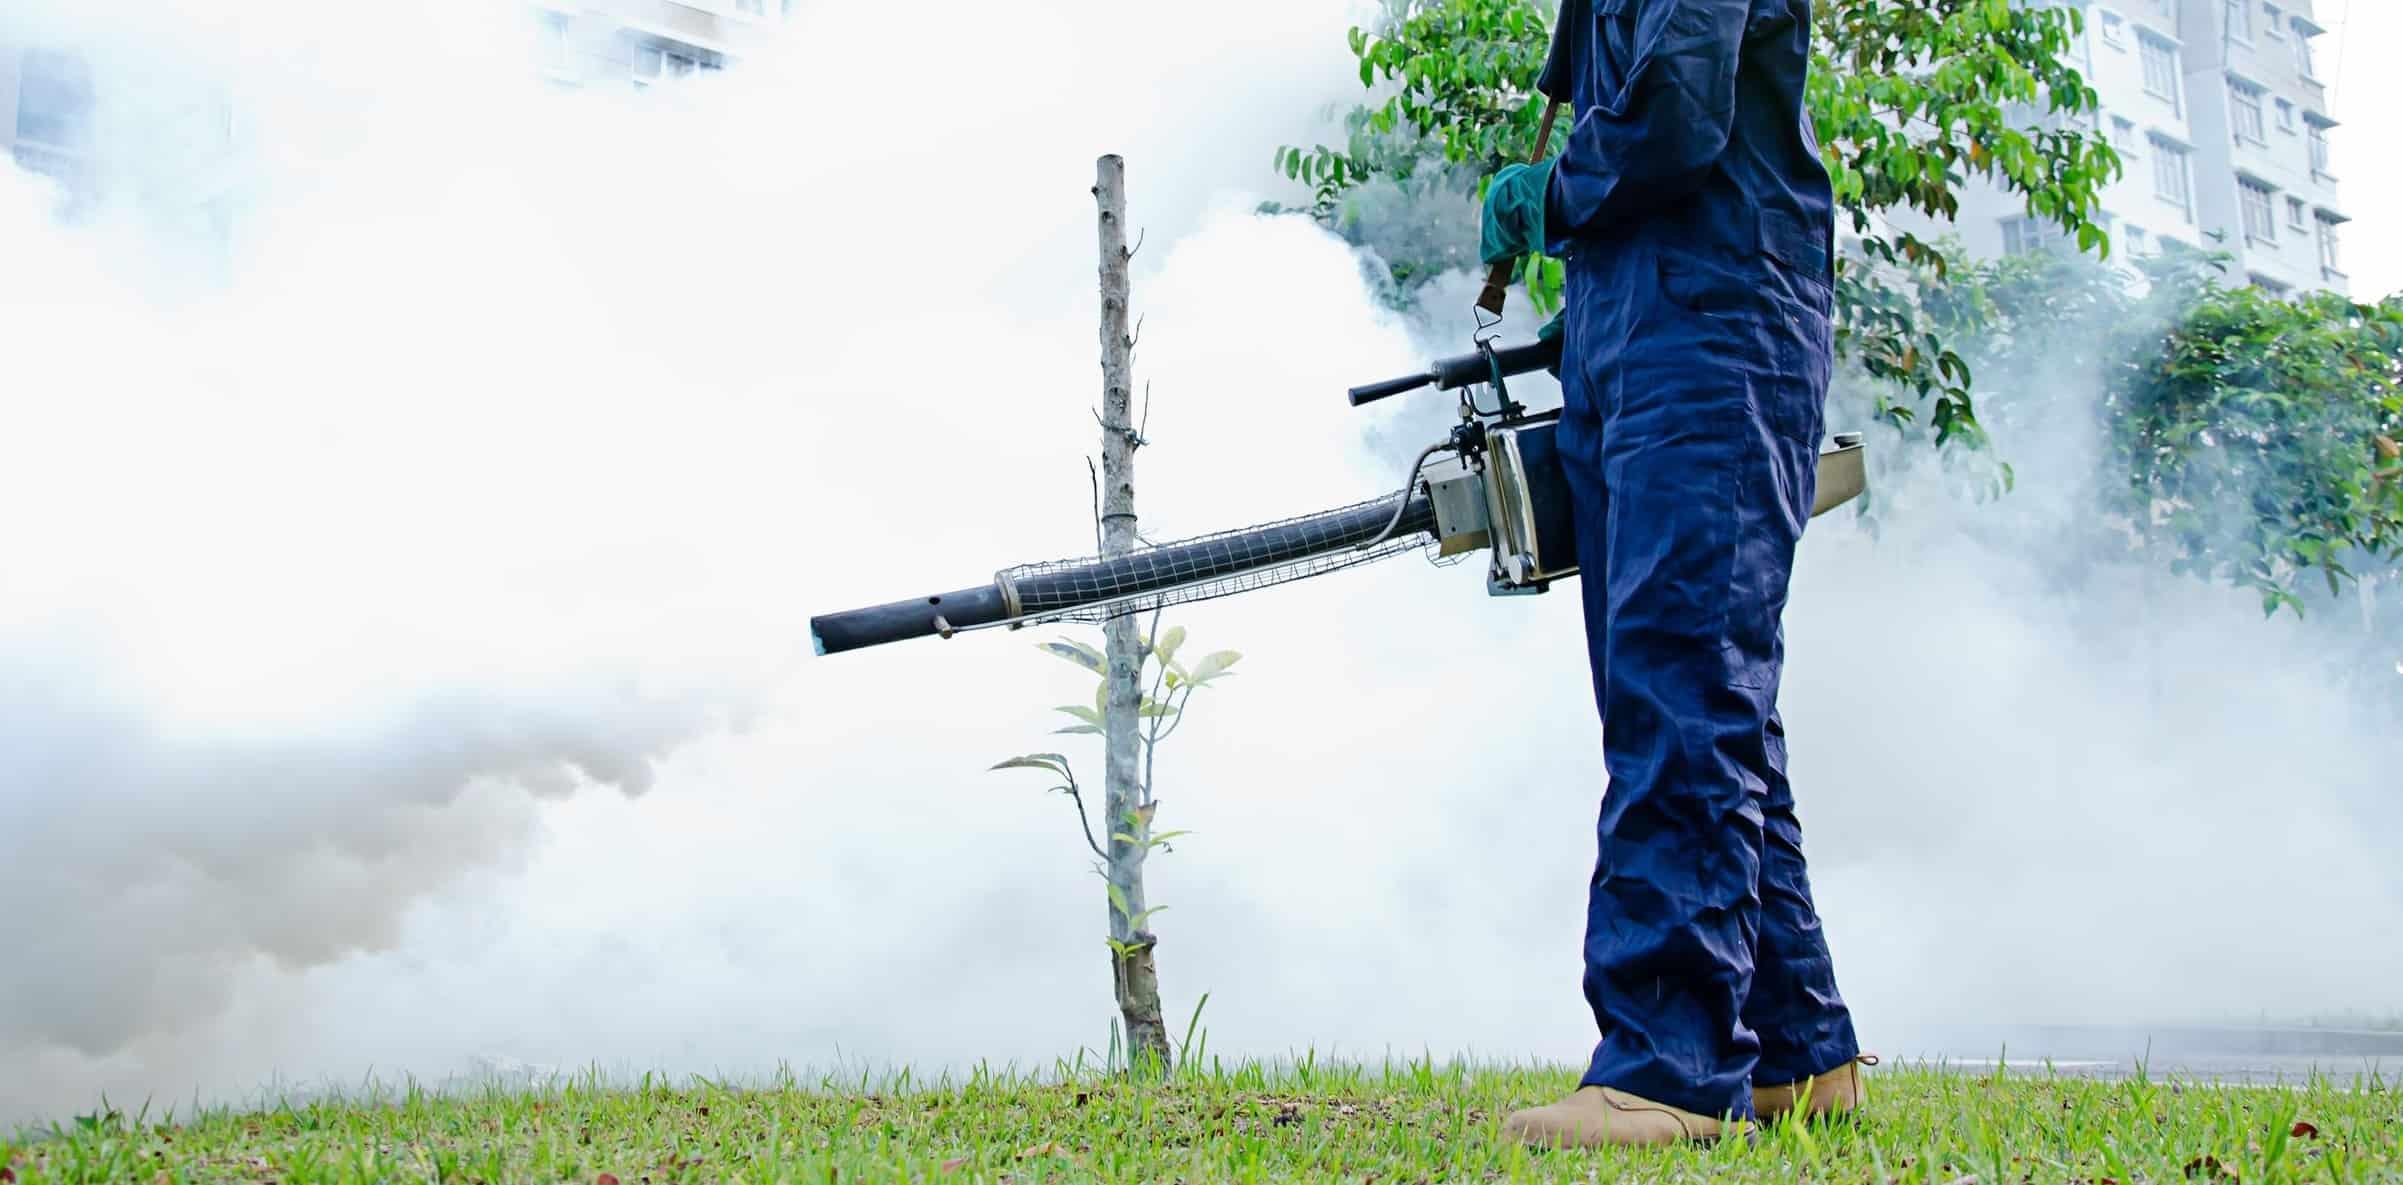 Zararlı mücadelesinde kullanılan yöntemlerden olan fumigantların uygulaması, gaz halinde yapılır.